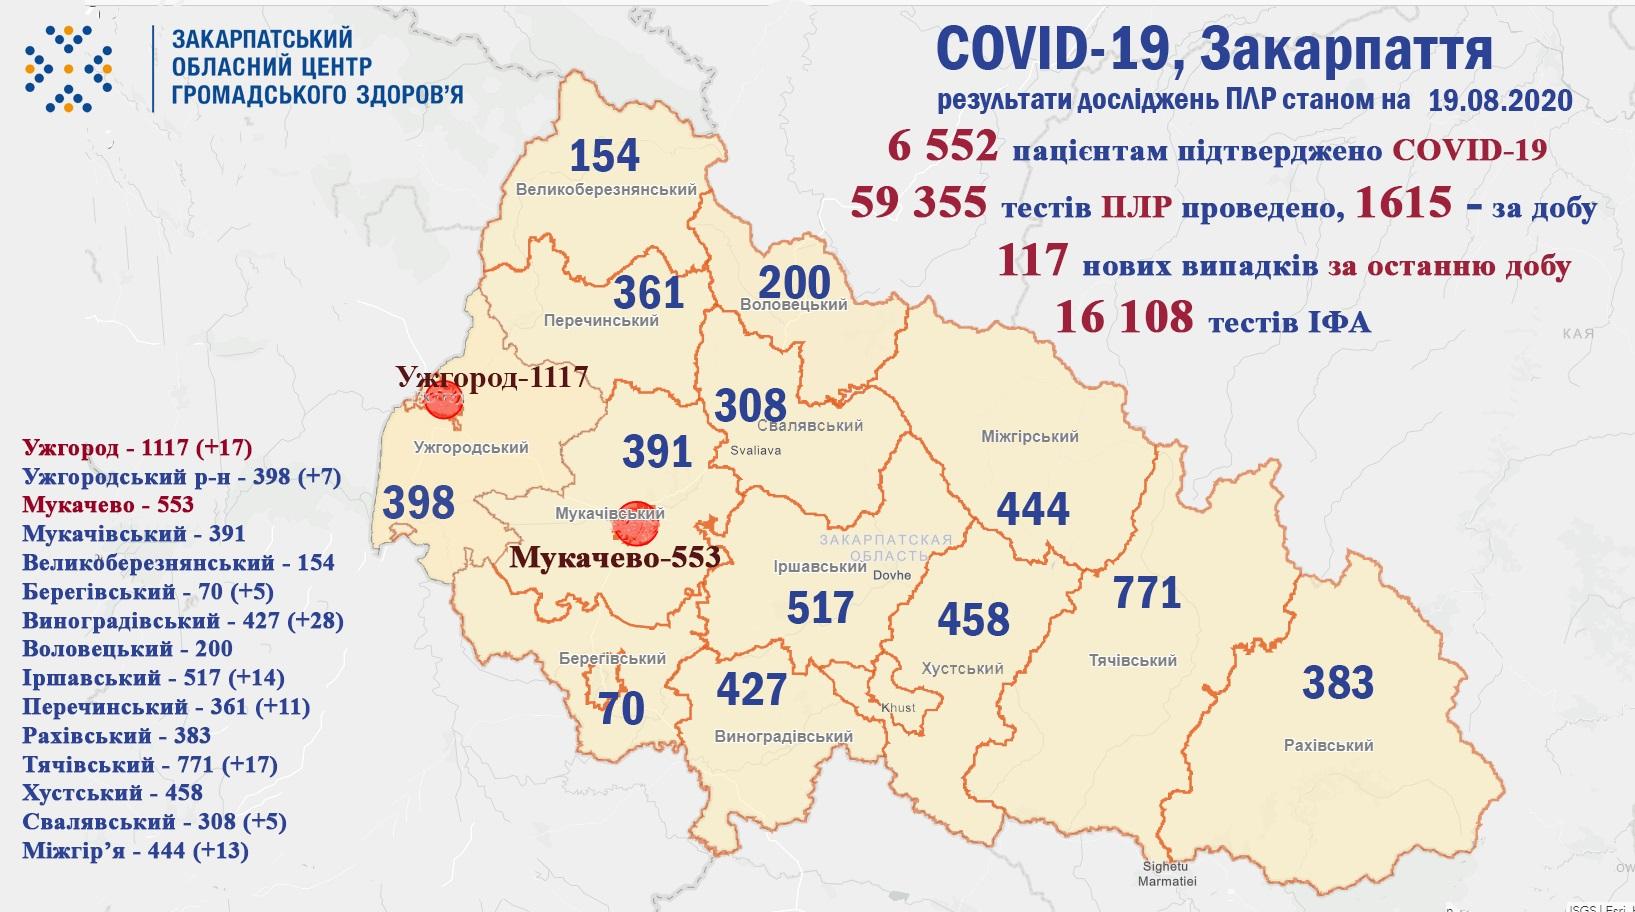 117 випадків COVID-19 за добу – сумний антирекорд на Закарпатті